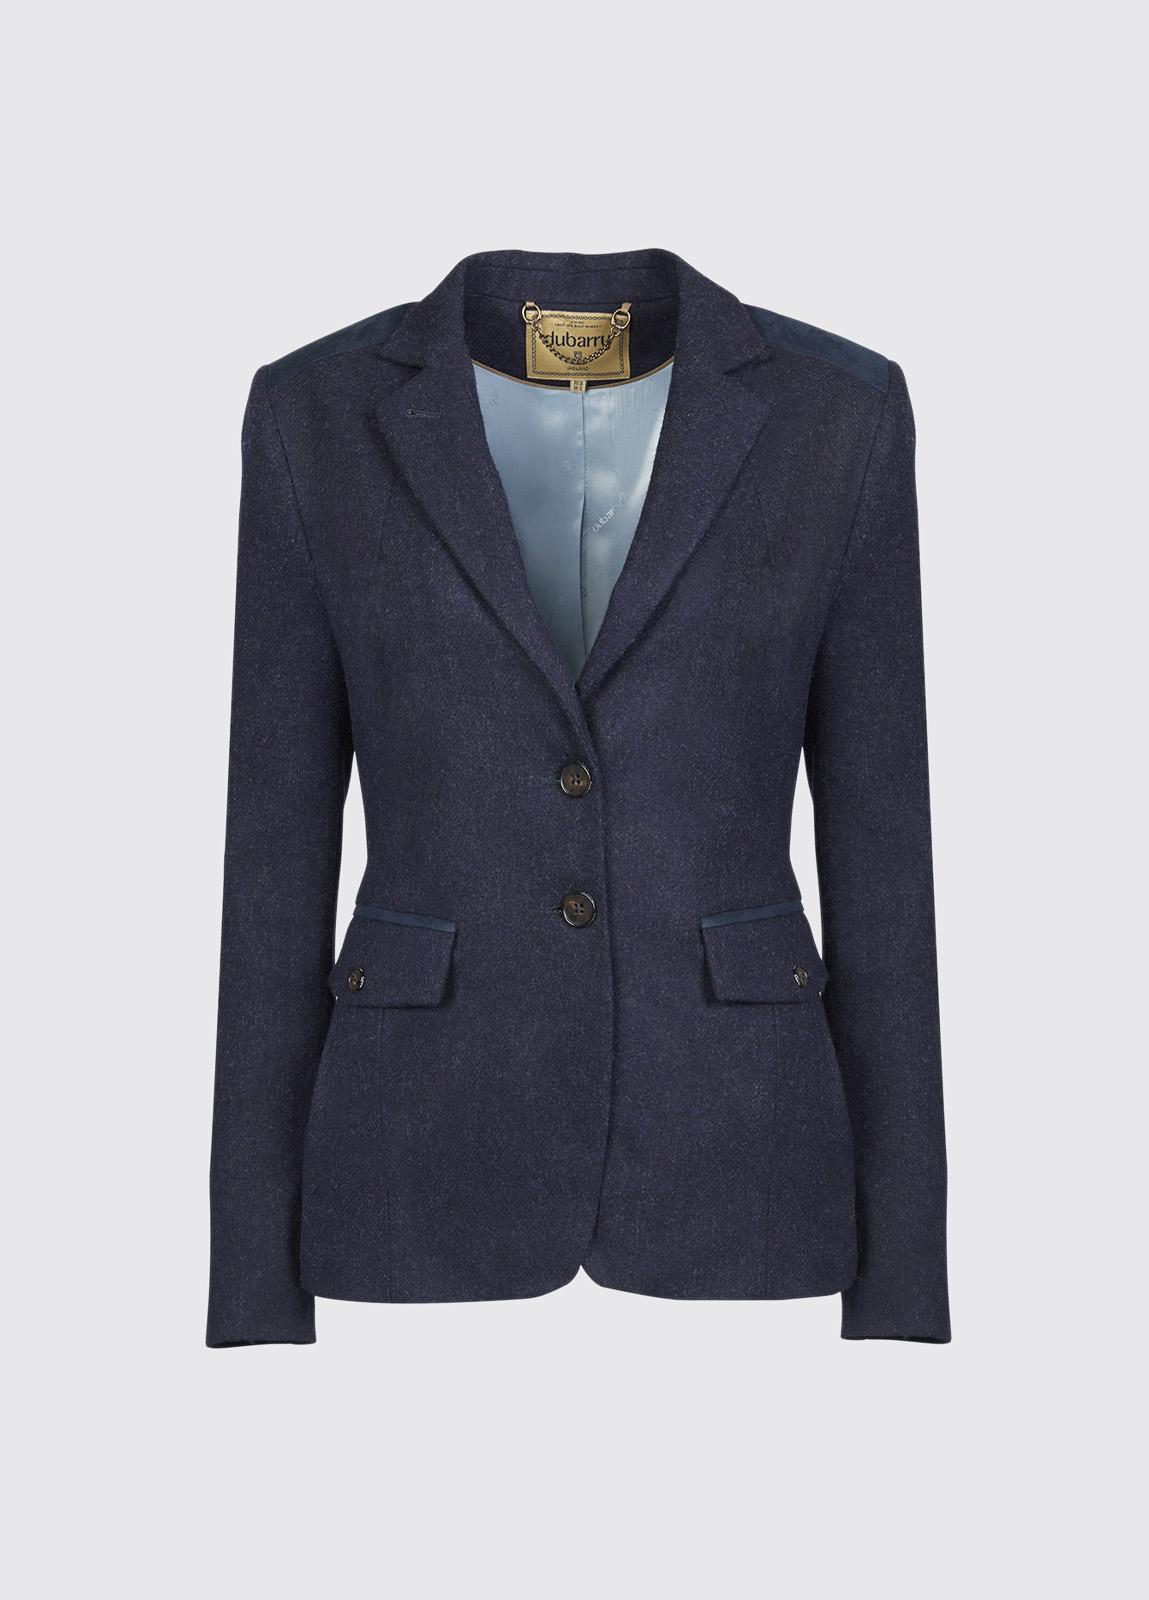 Pearlwort Tweed Blazer - Navy